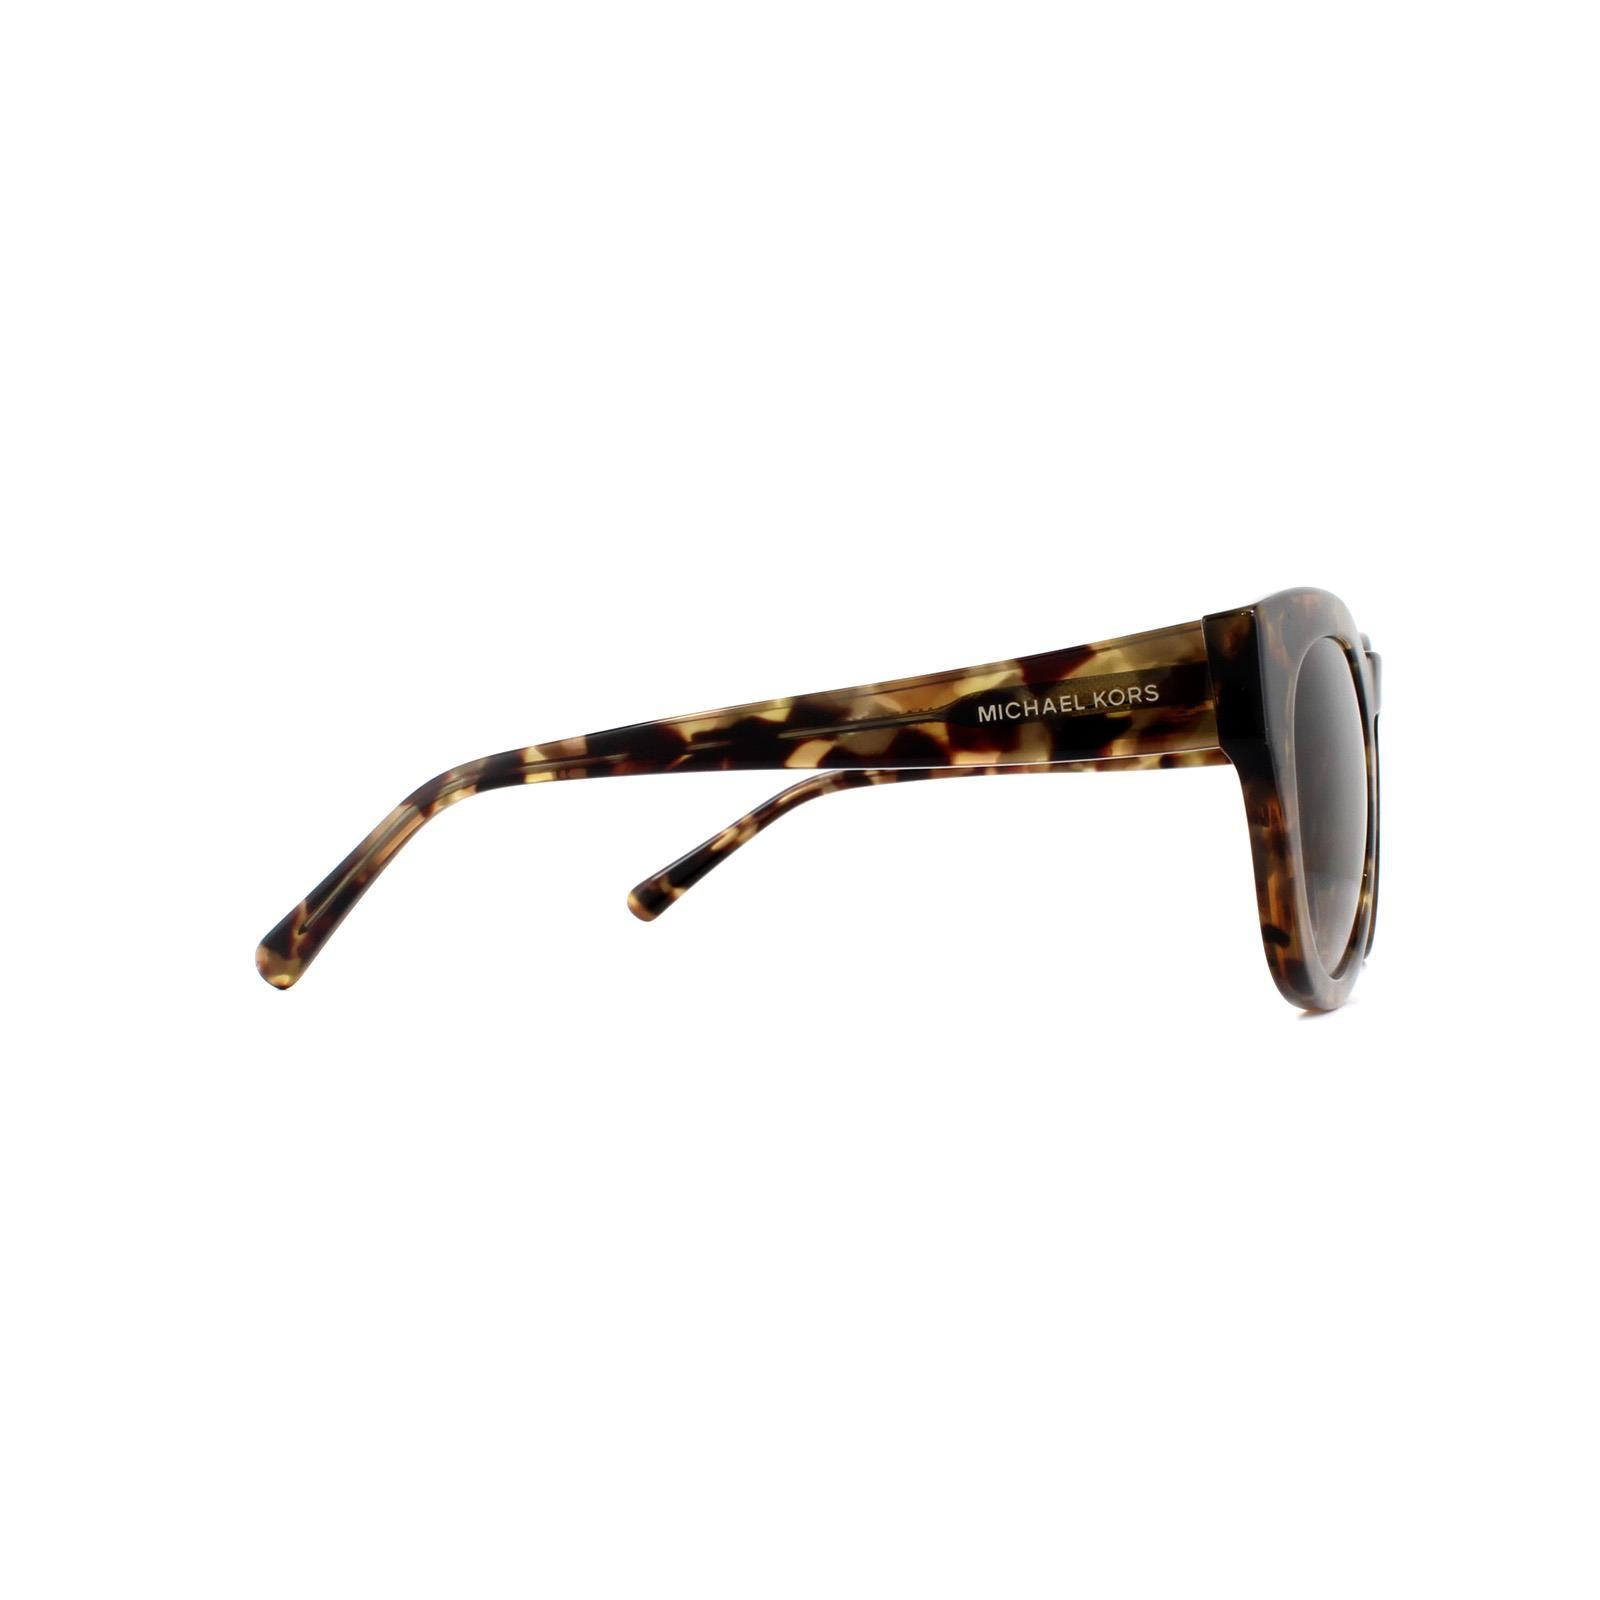 Michael Kors Sunglasses Summer Breeze MK2037 321013 Havana Grey Gradient